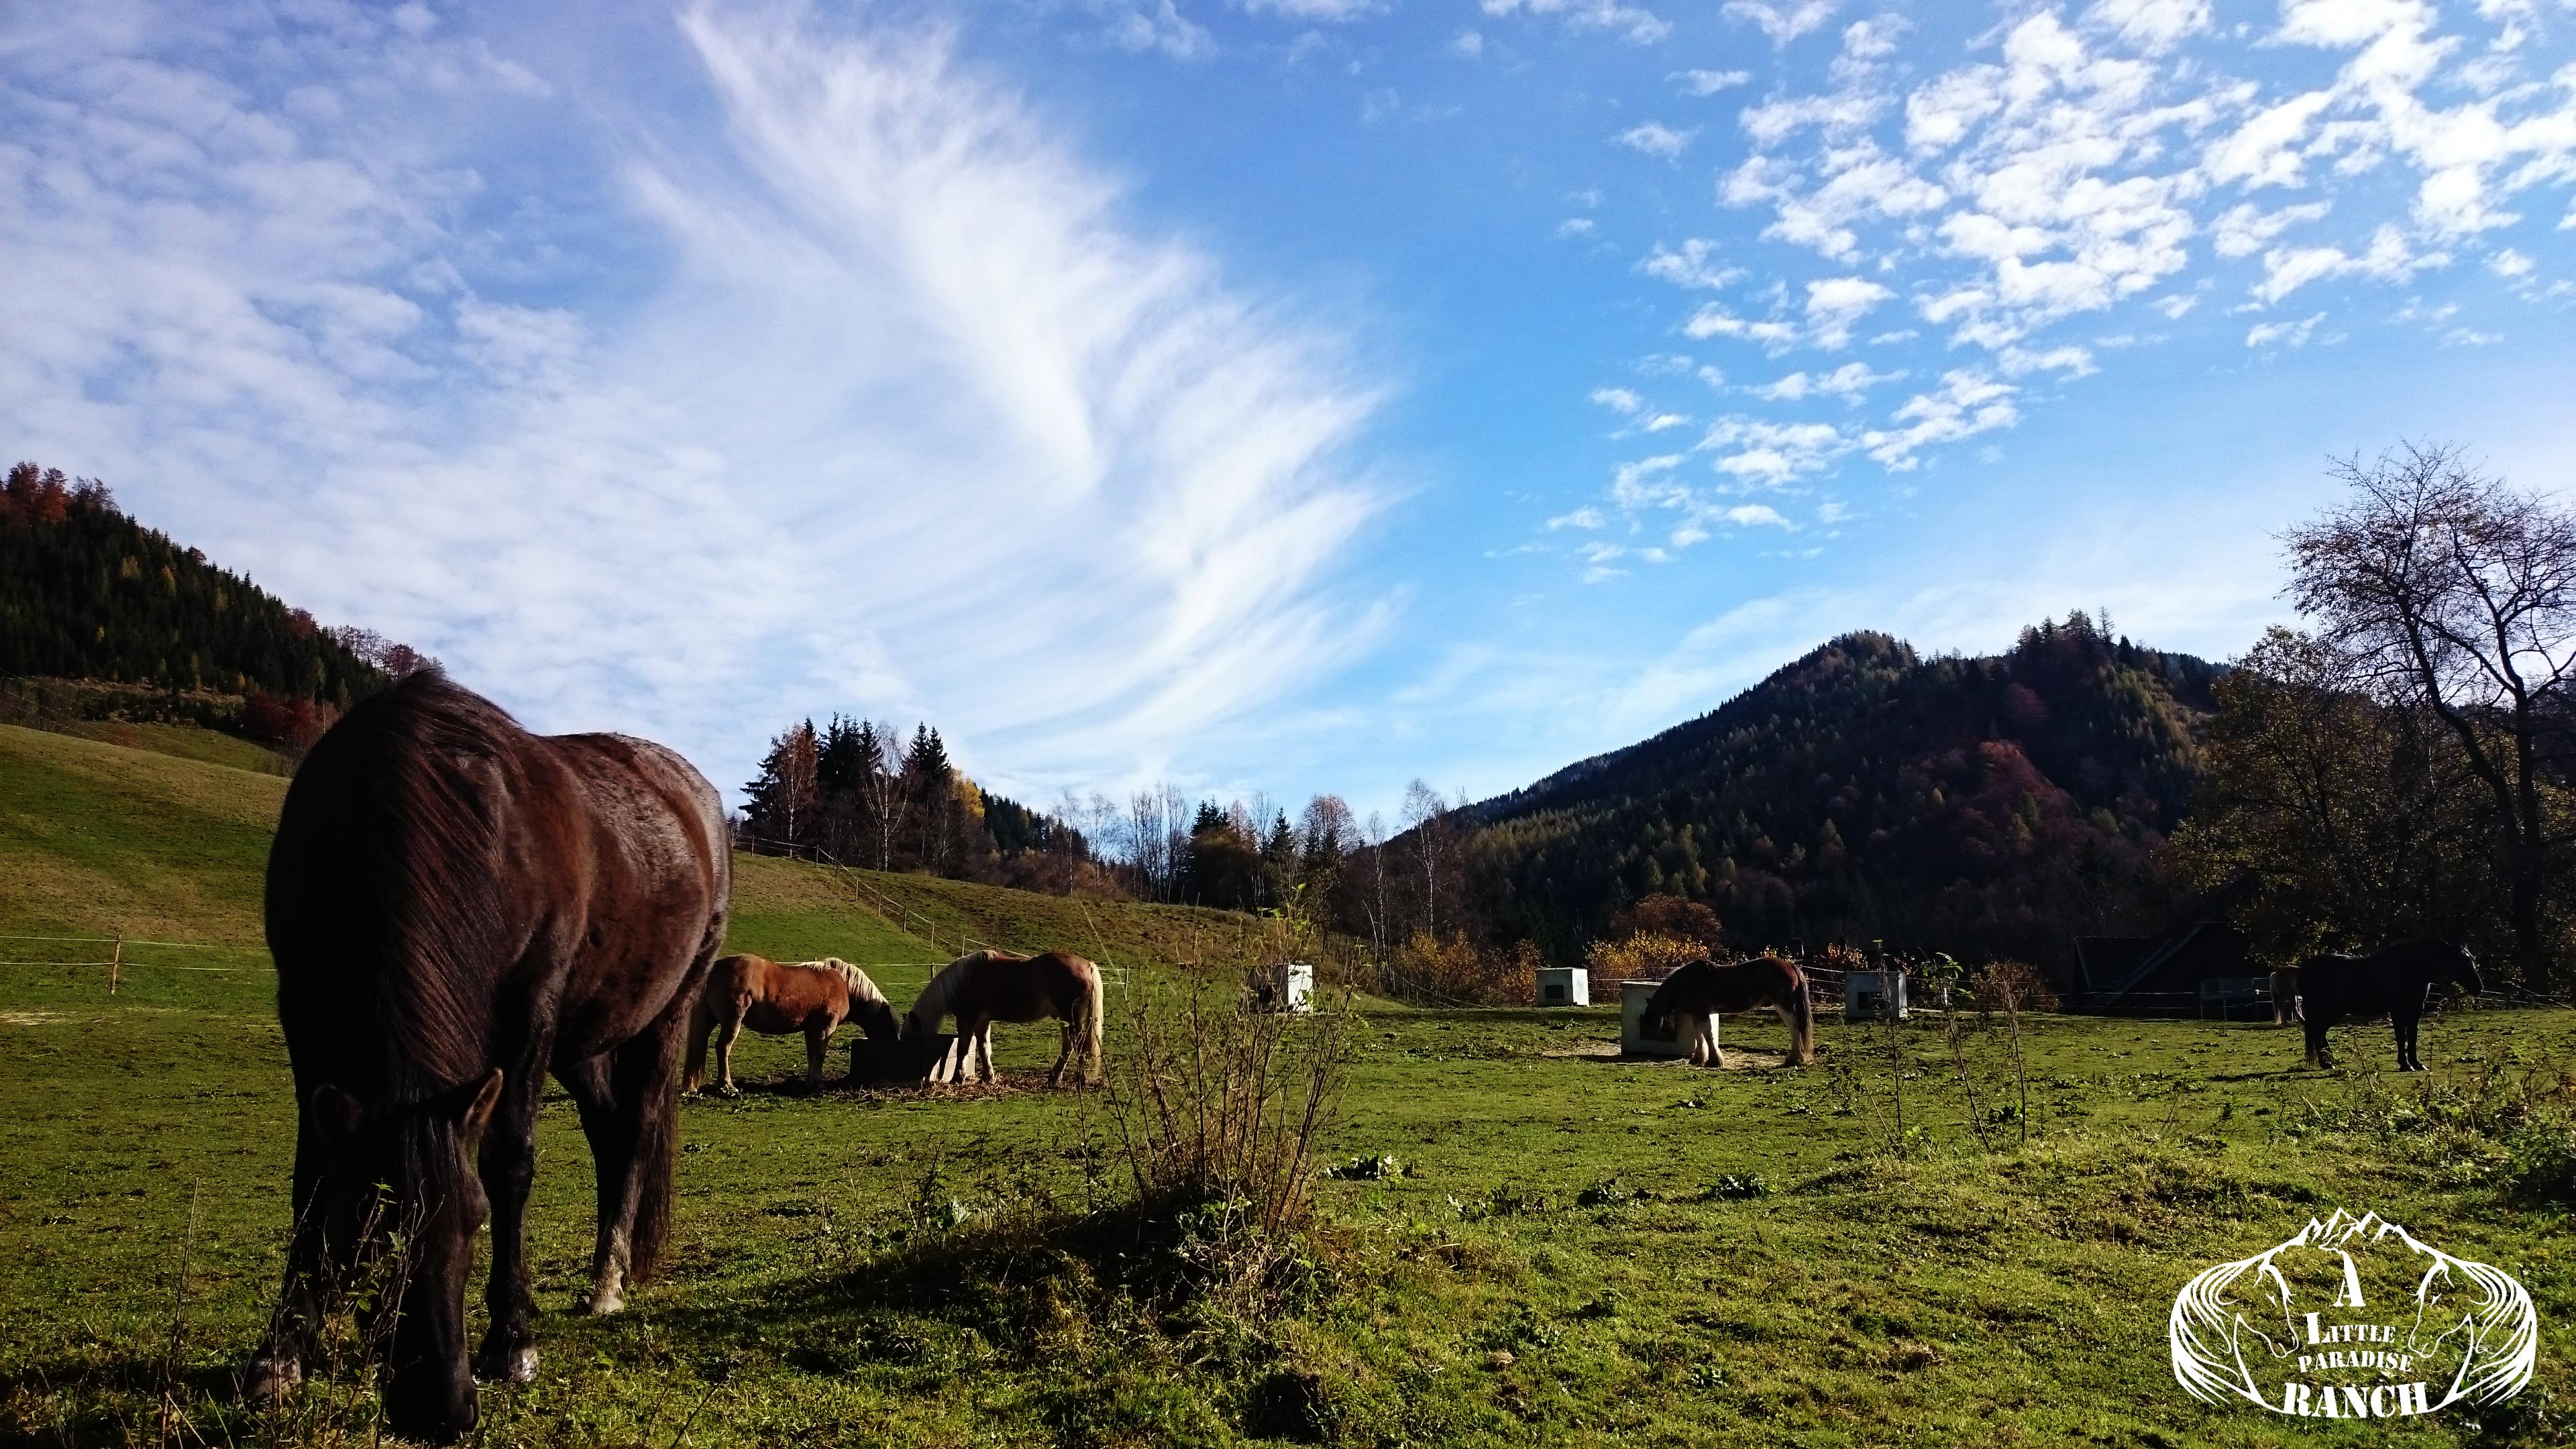 Der Alltag der Herde, es wird gedöst, gegrast und manche sind am Heu und der Luzerne. Jeder kann frei entscheiden, was er wählt und wann. BU: Lisa Spitzer, 2016, ©Lisa Spitzer